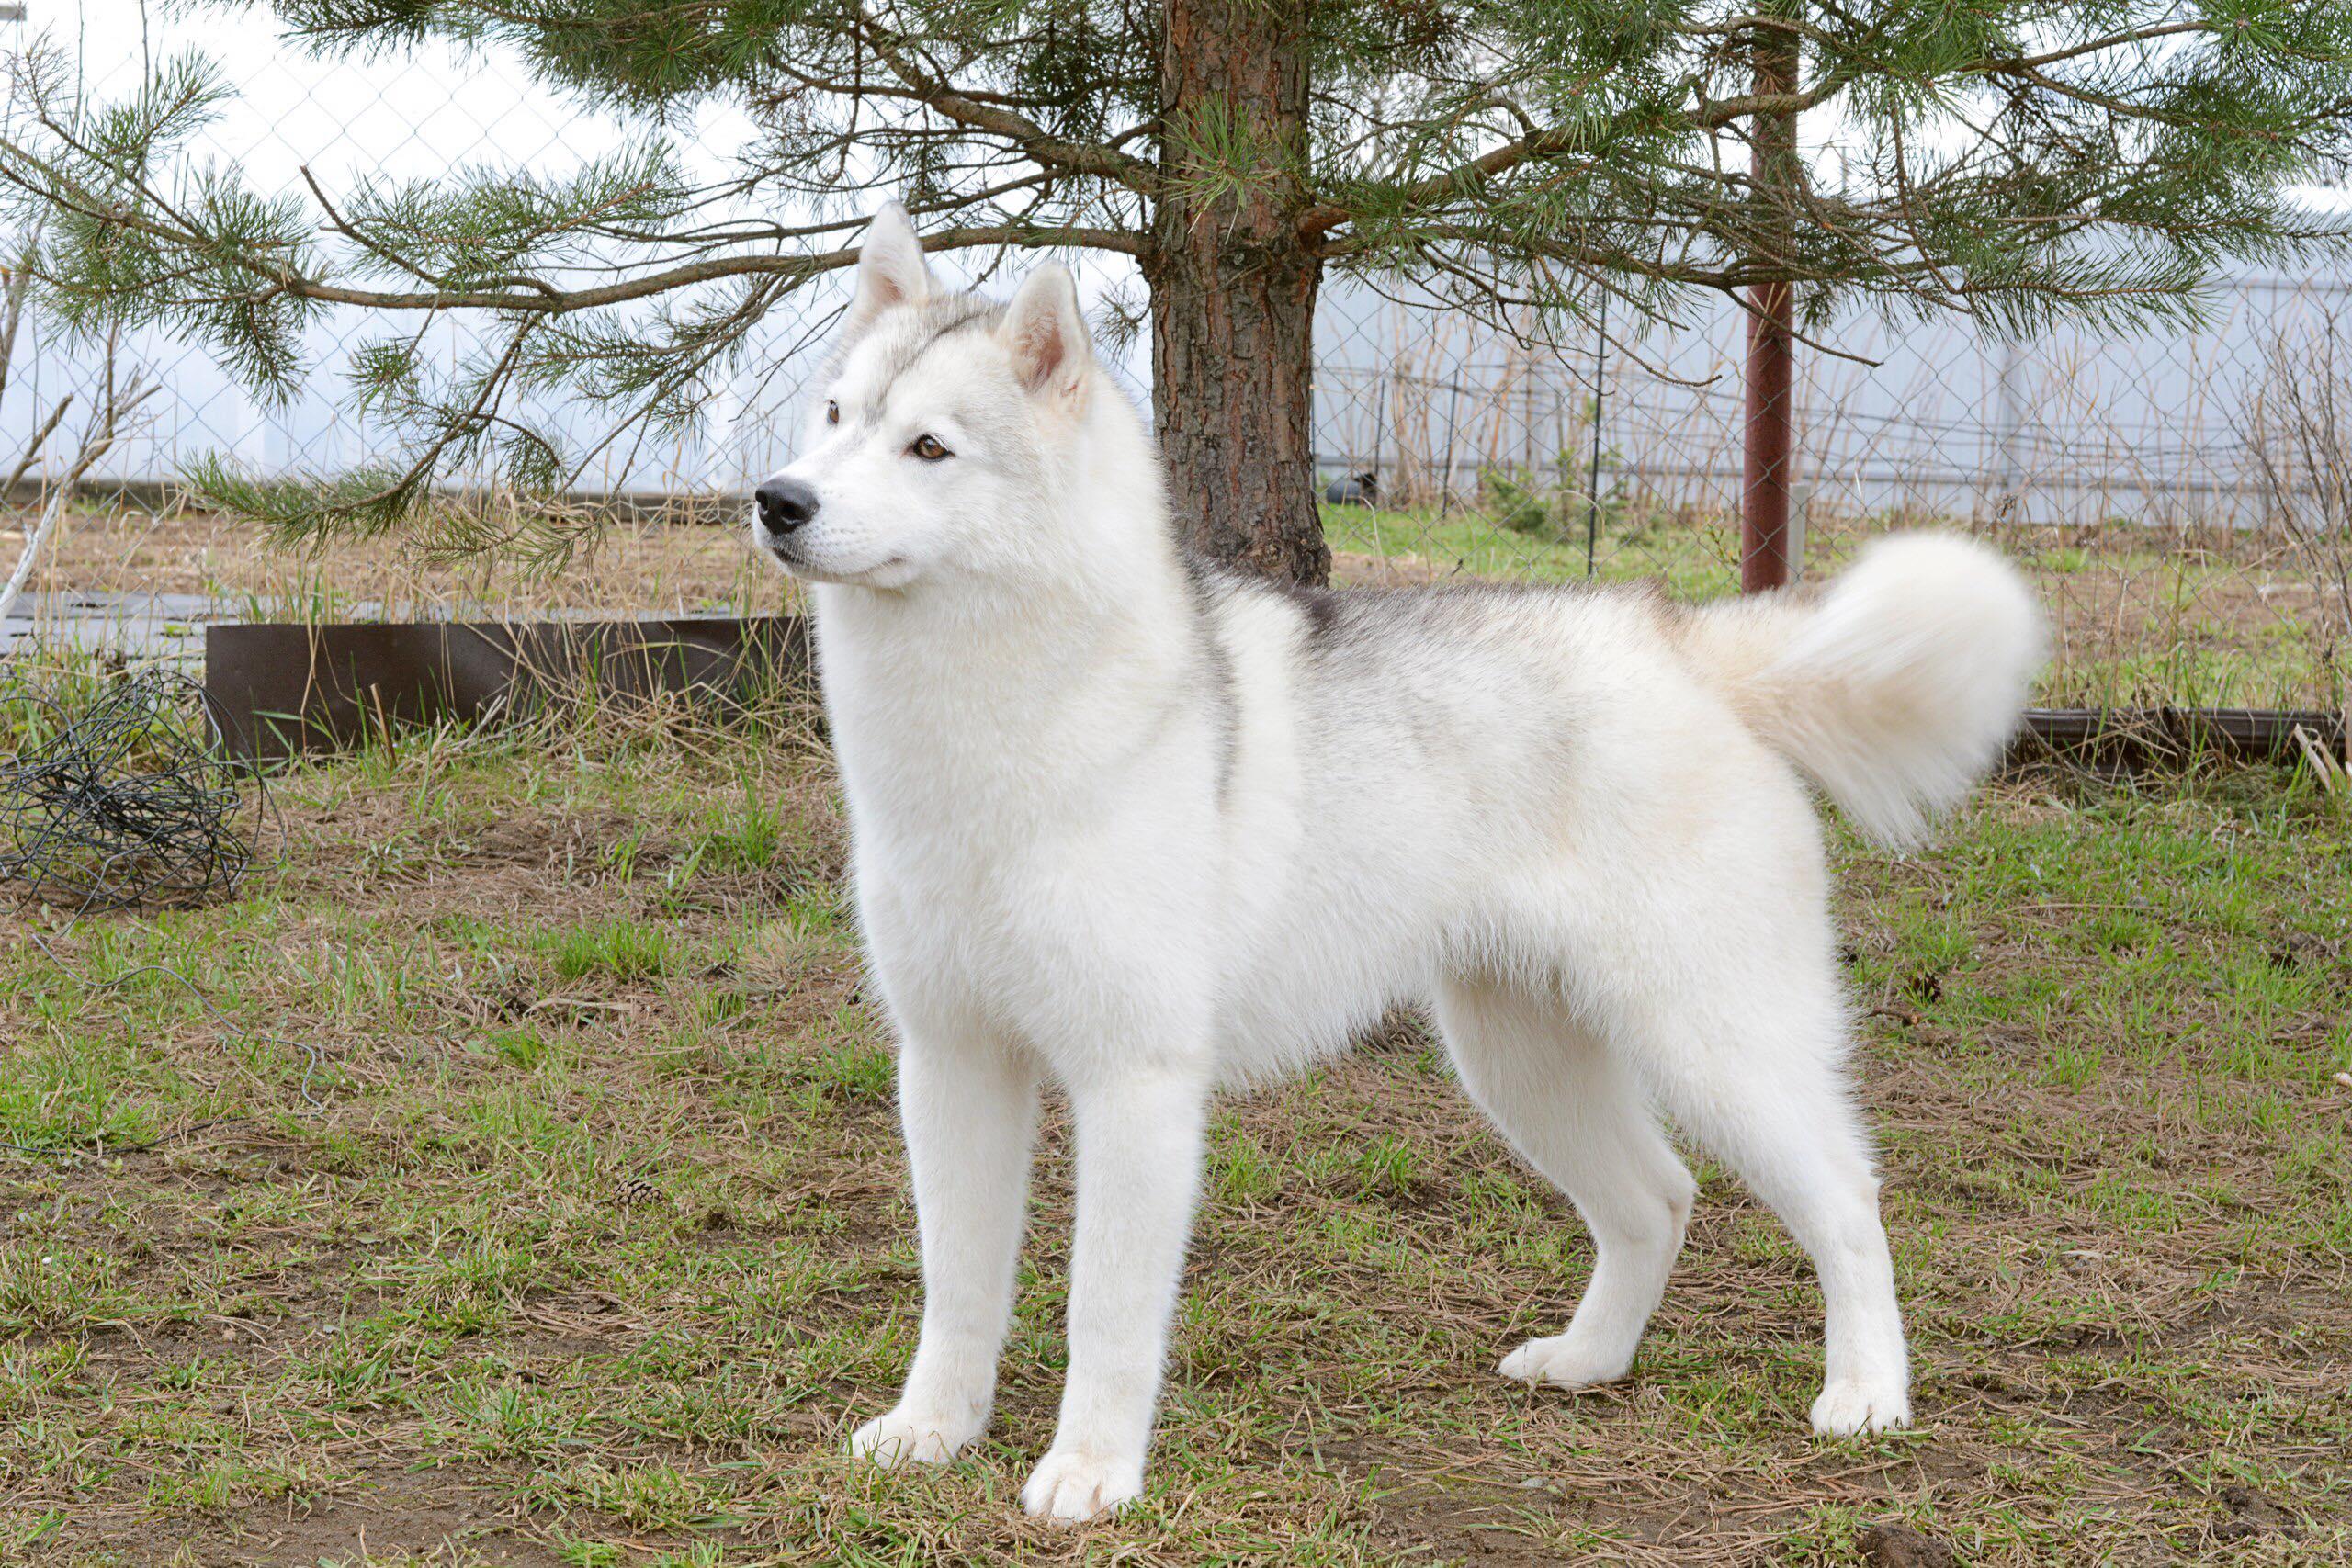 Ездовые собаки: 20 пород с названиями и фотографиями